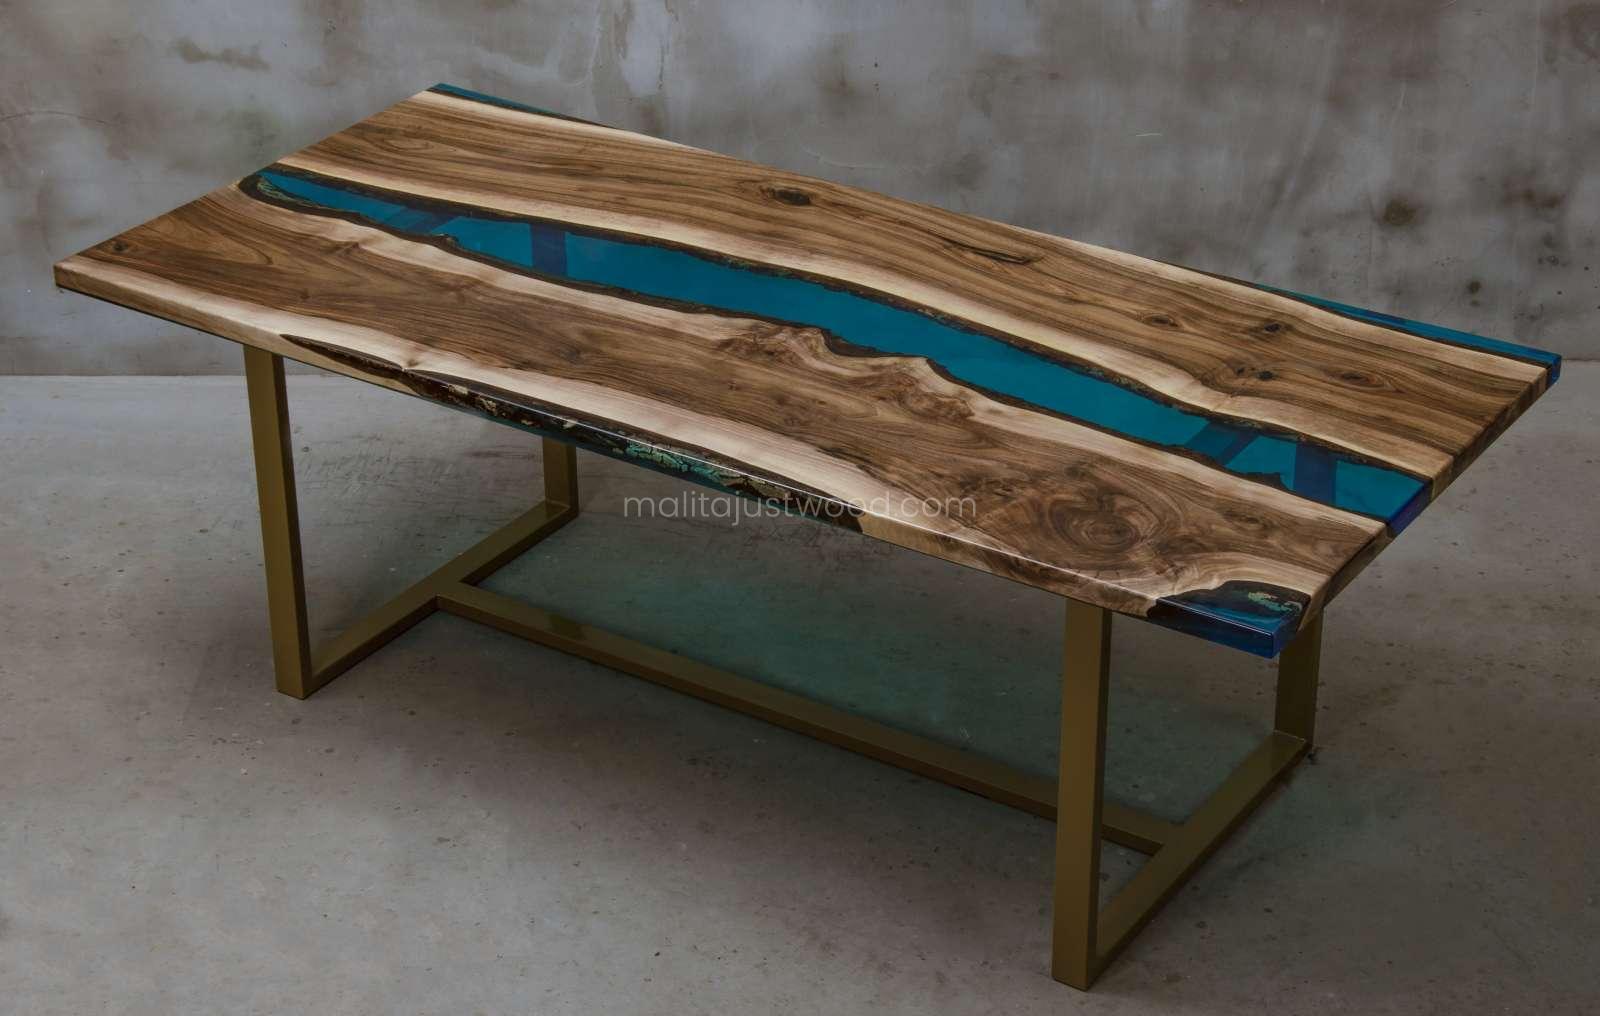 lakierowany stół Helvetica z drewna orzecha i żywicy epoksydowej